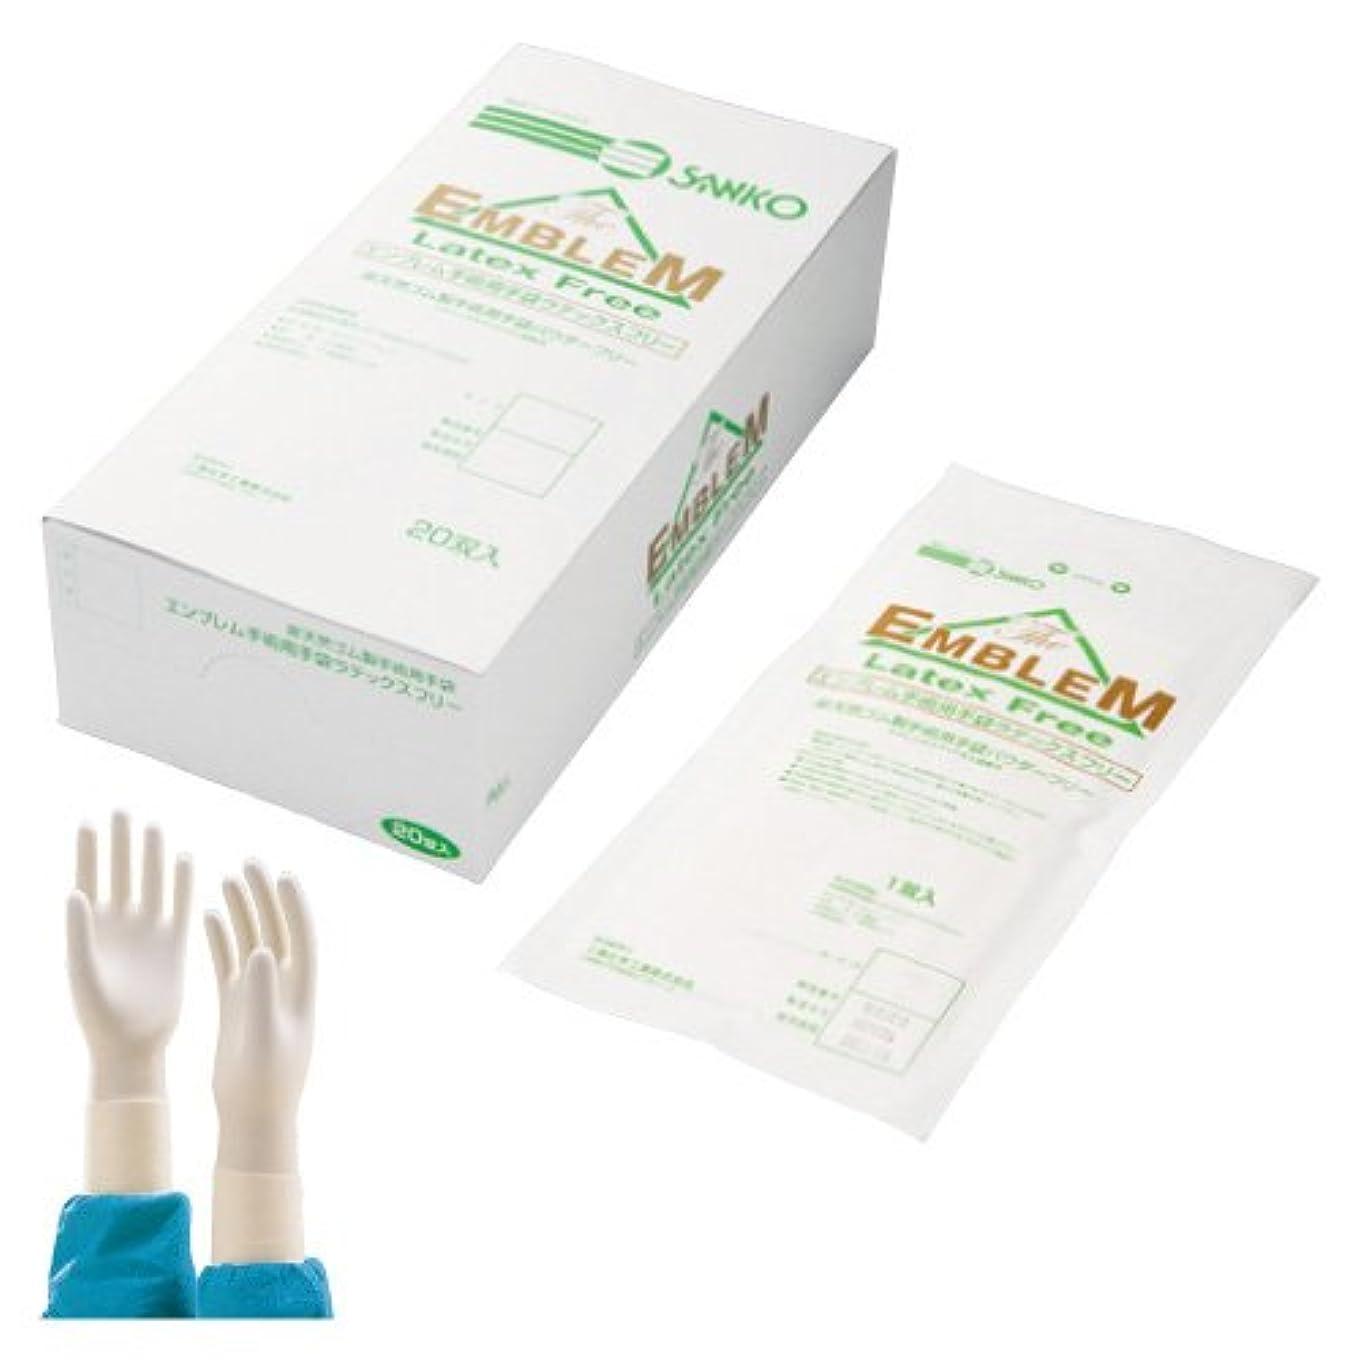 試みるウォーターフロント識字エンブレム手術用手袋 7.5 <1箱(20双入)>